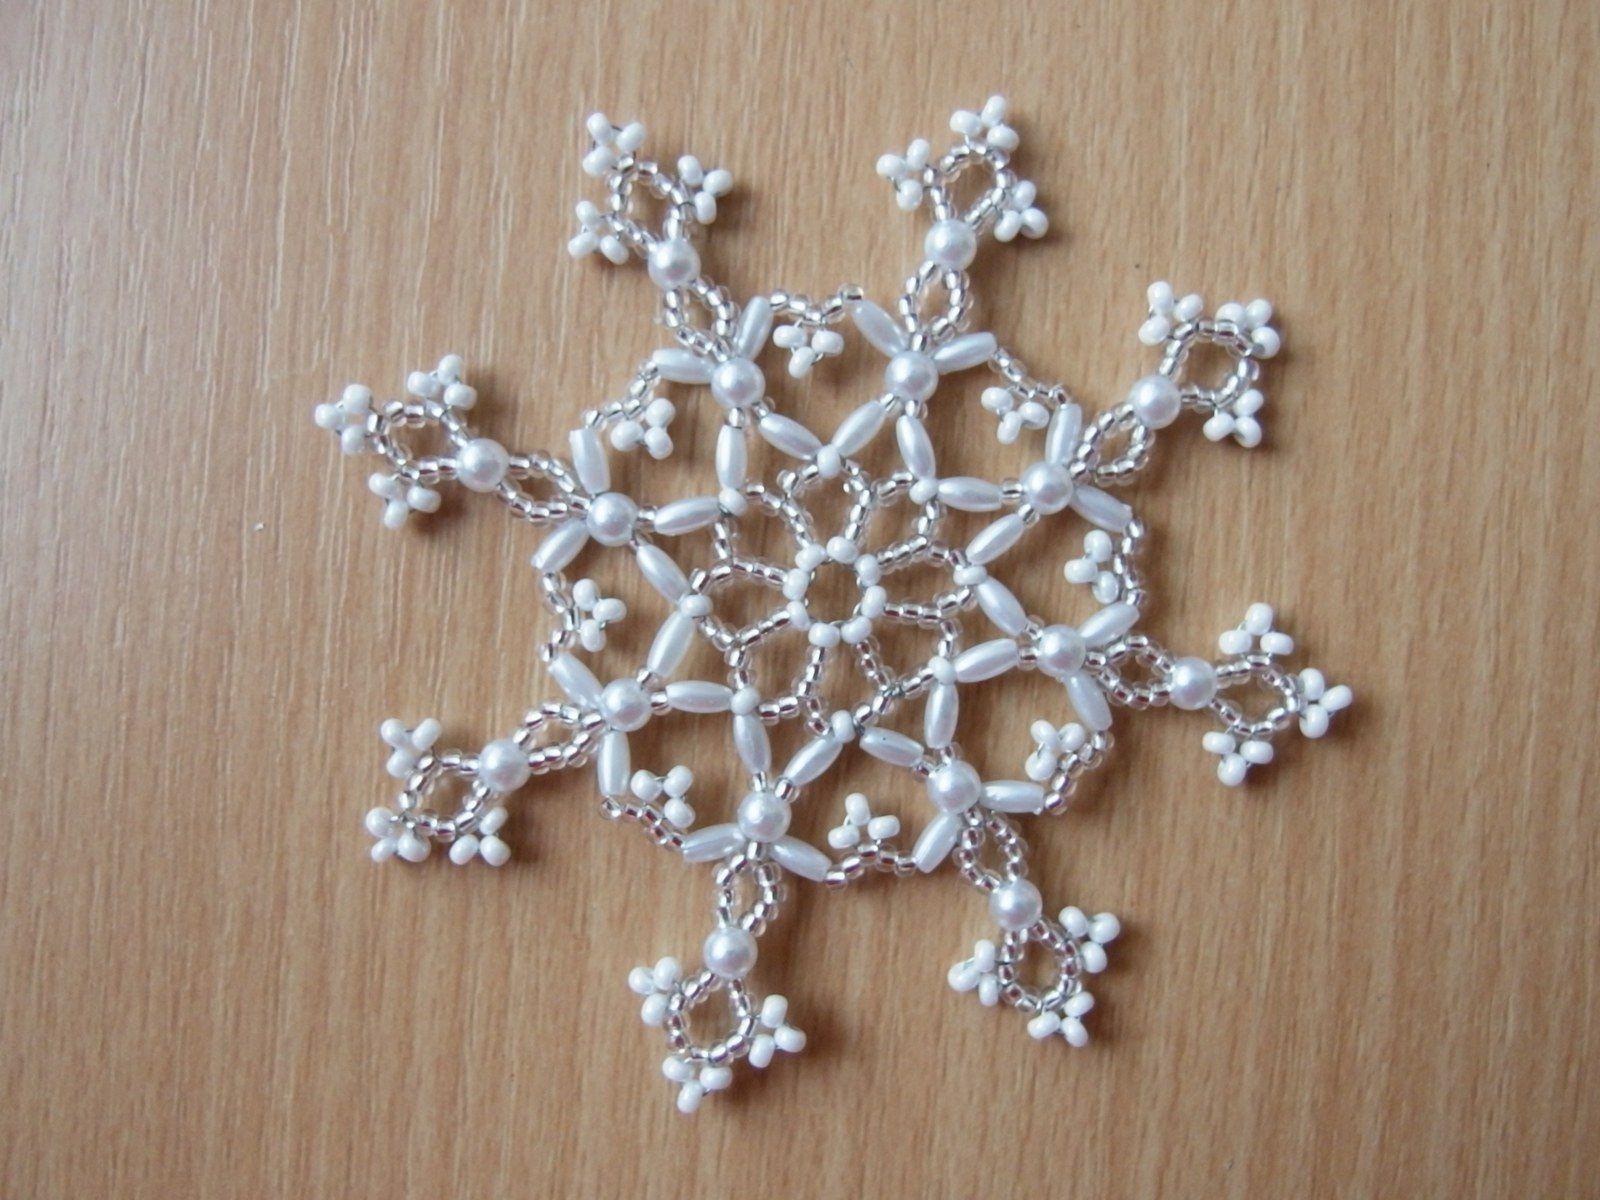 d9a9c4d6e Hvězda - velká - I. Vánoční třpytivá hvězda vyrobená z korálků - rokajl.  Průměr hvězdy 10 cm. Hvězdičky vypadají pěkně jak na vánočním stromečku, ...